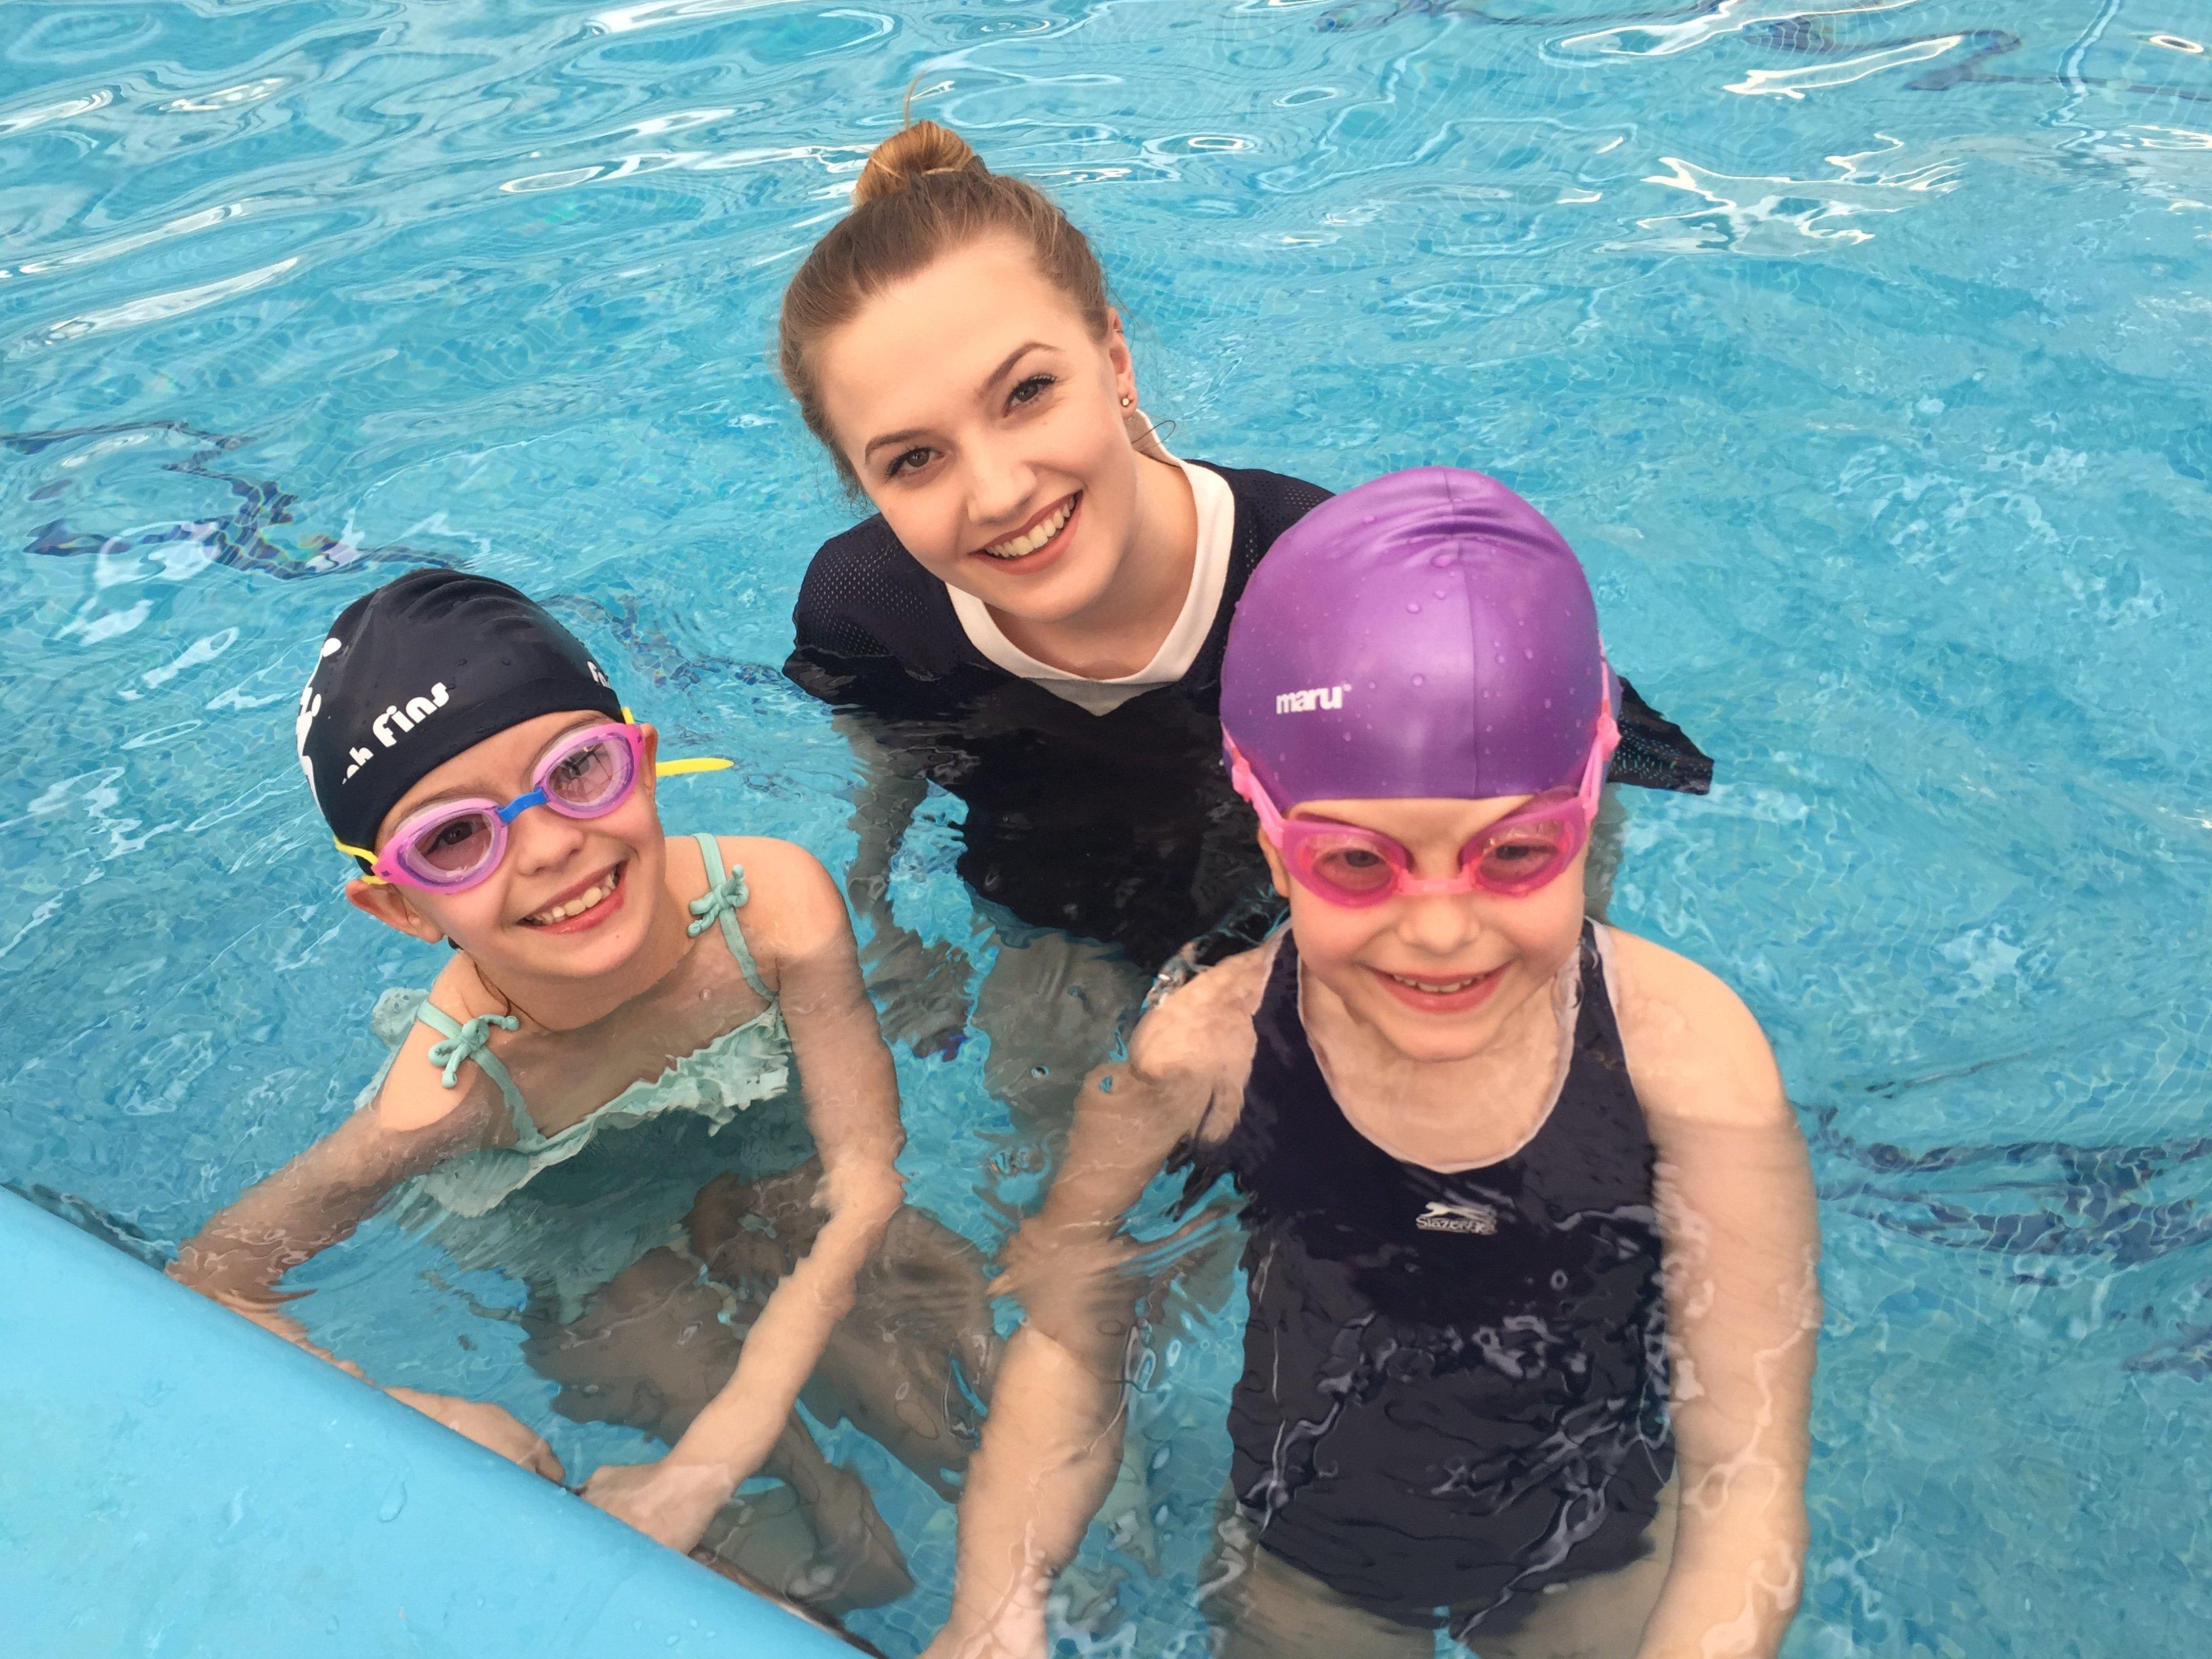 Fins Swimming Club A Club Providing Life Saving Skills